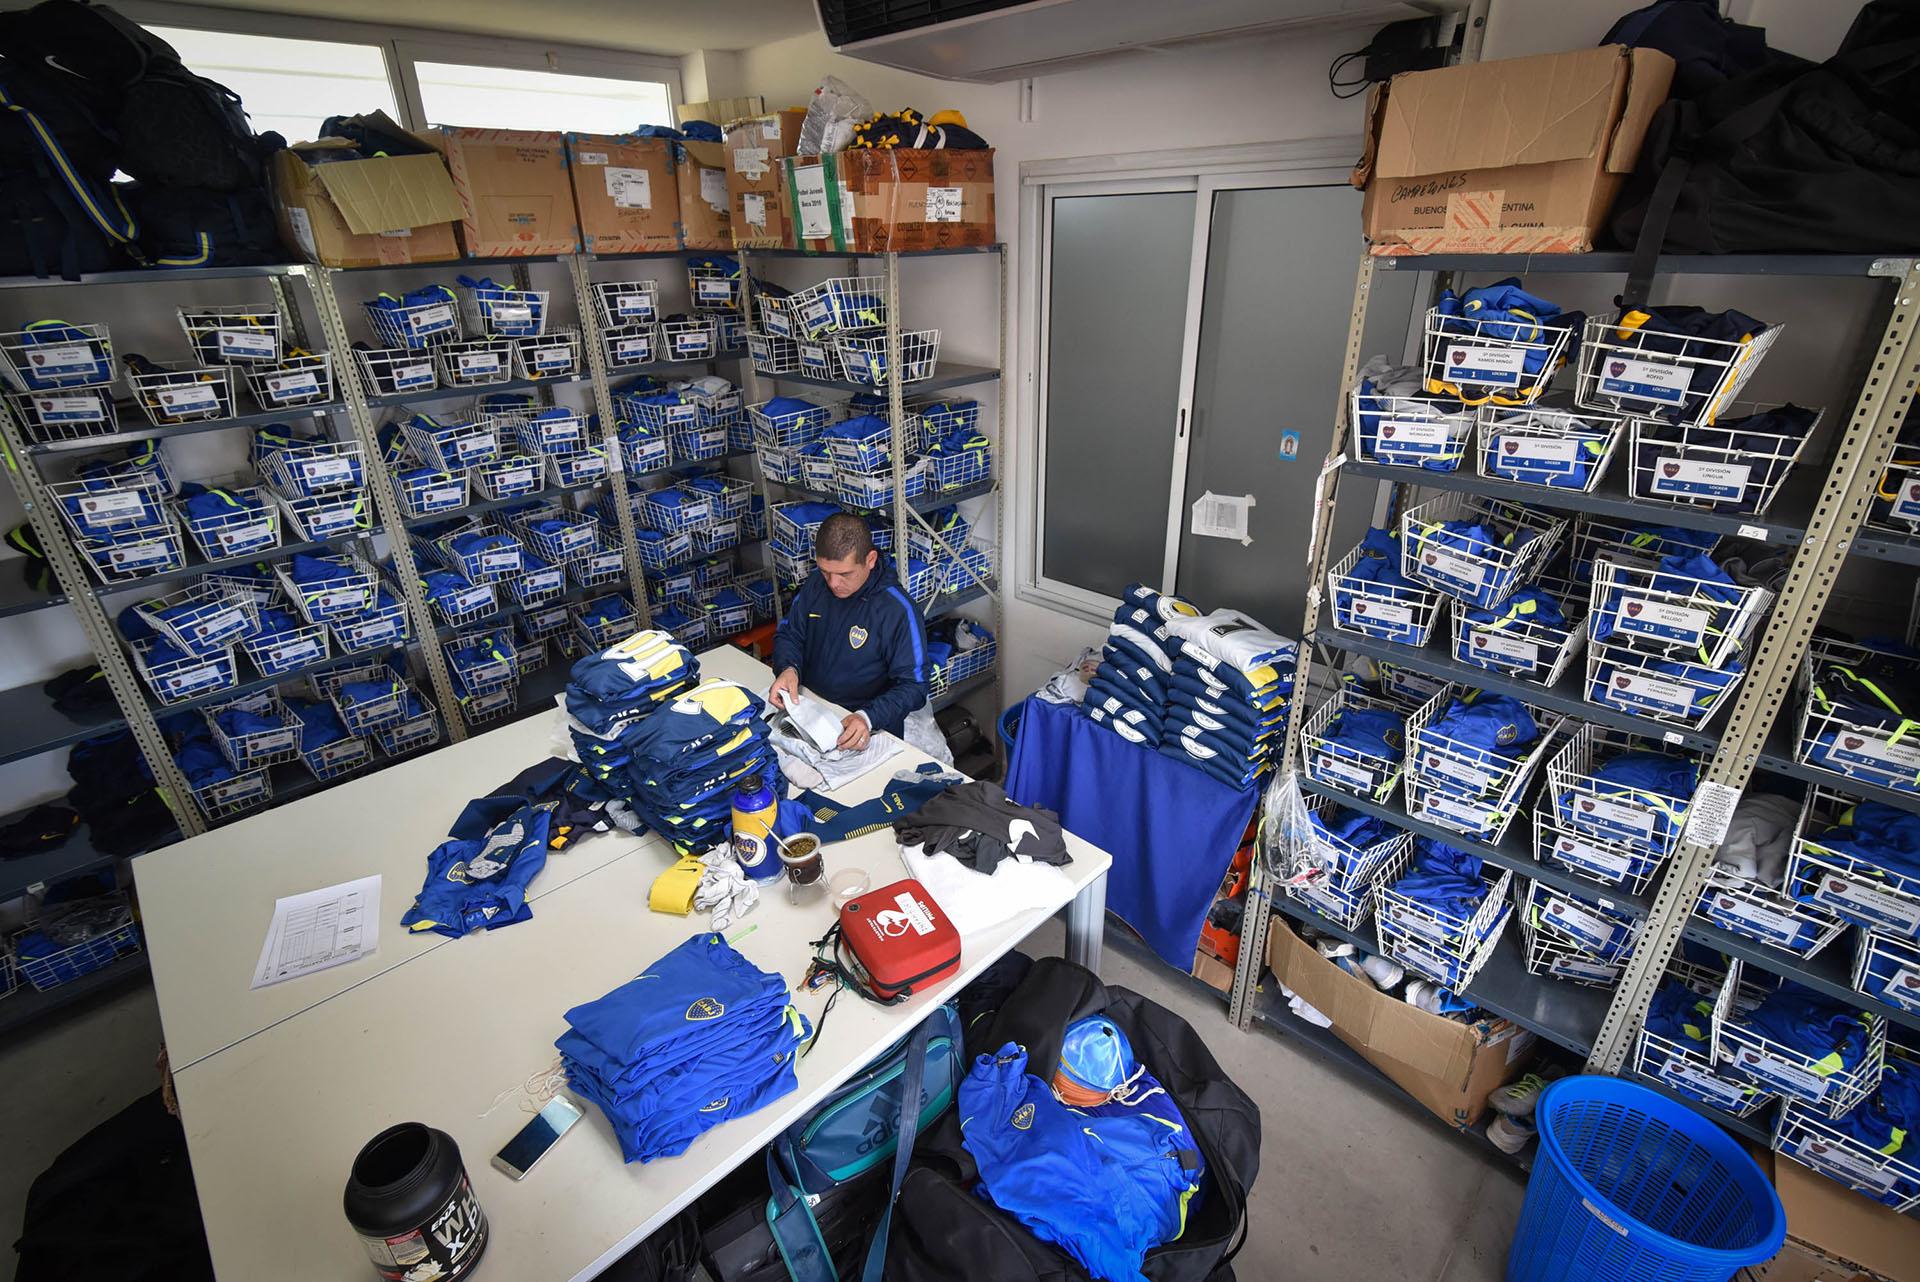 Los encargados de la utilería mantienen organizado cada elemento según la correspondiente división (Guille Llamos)